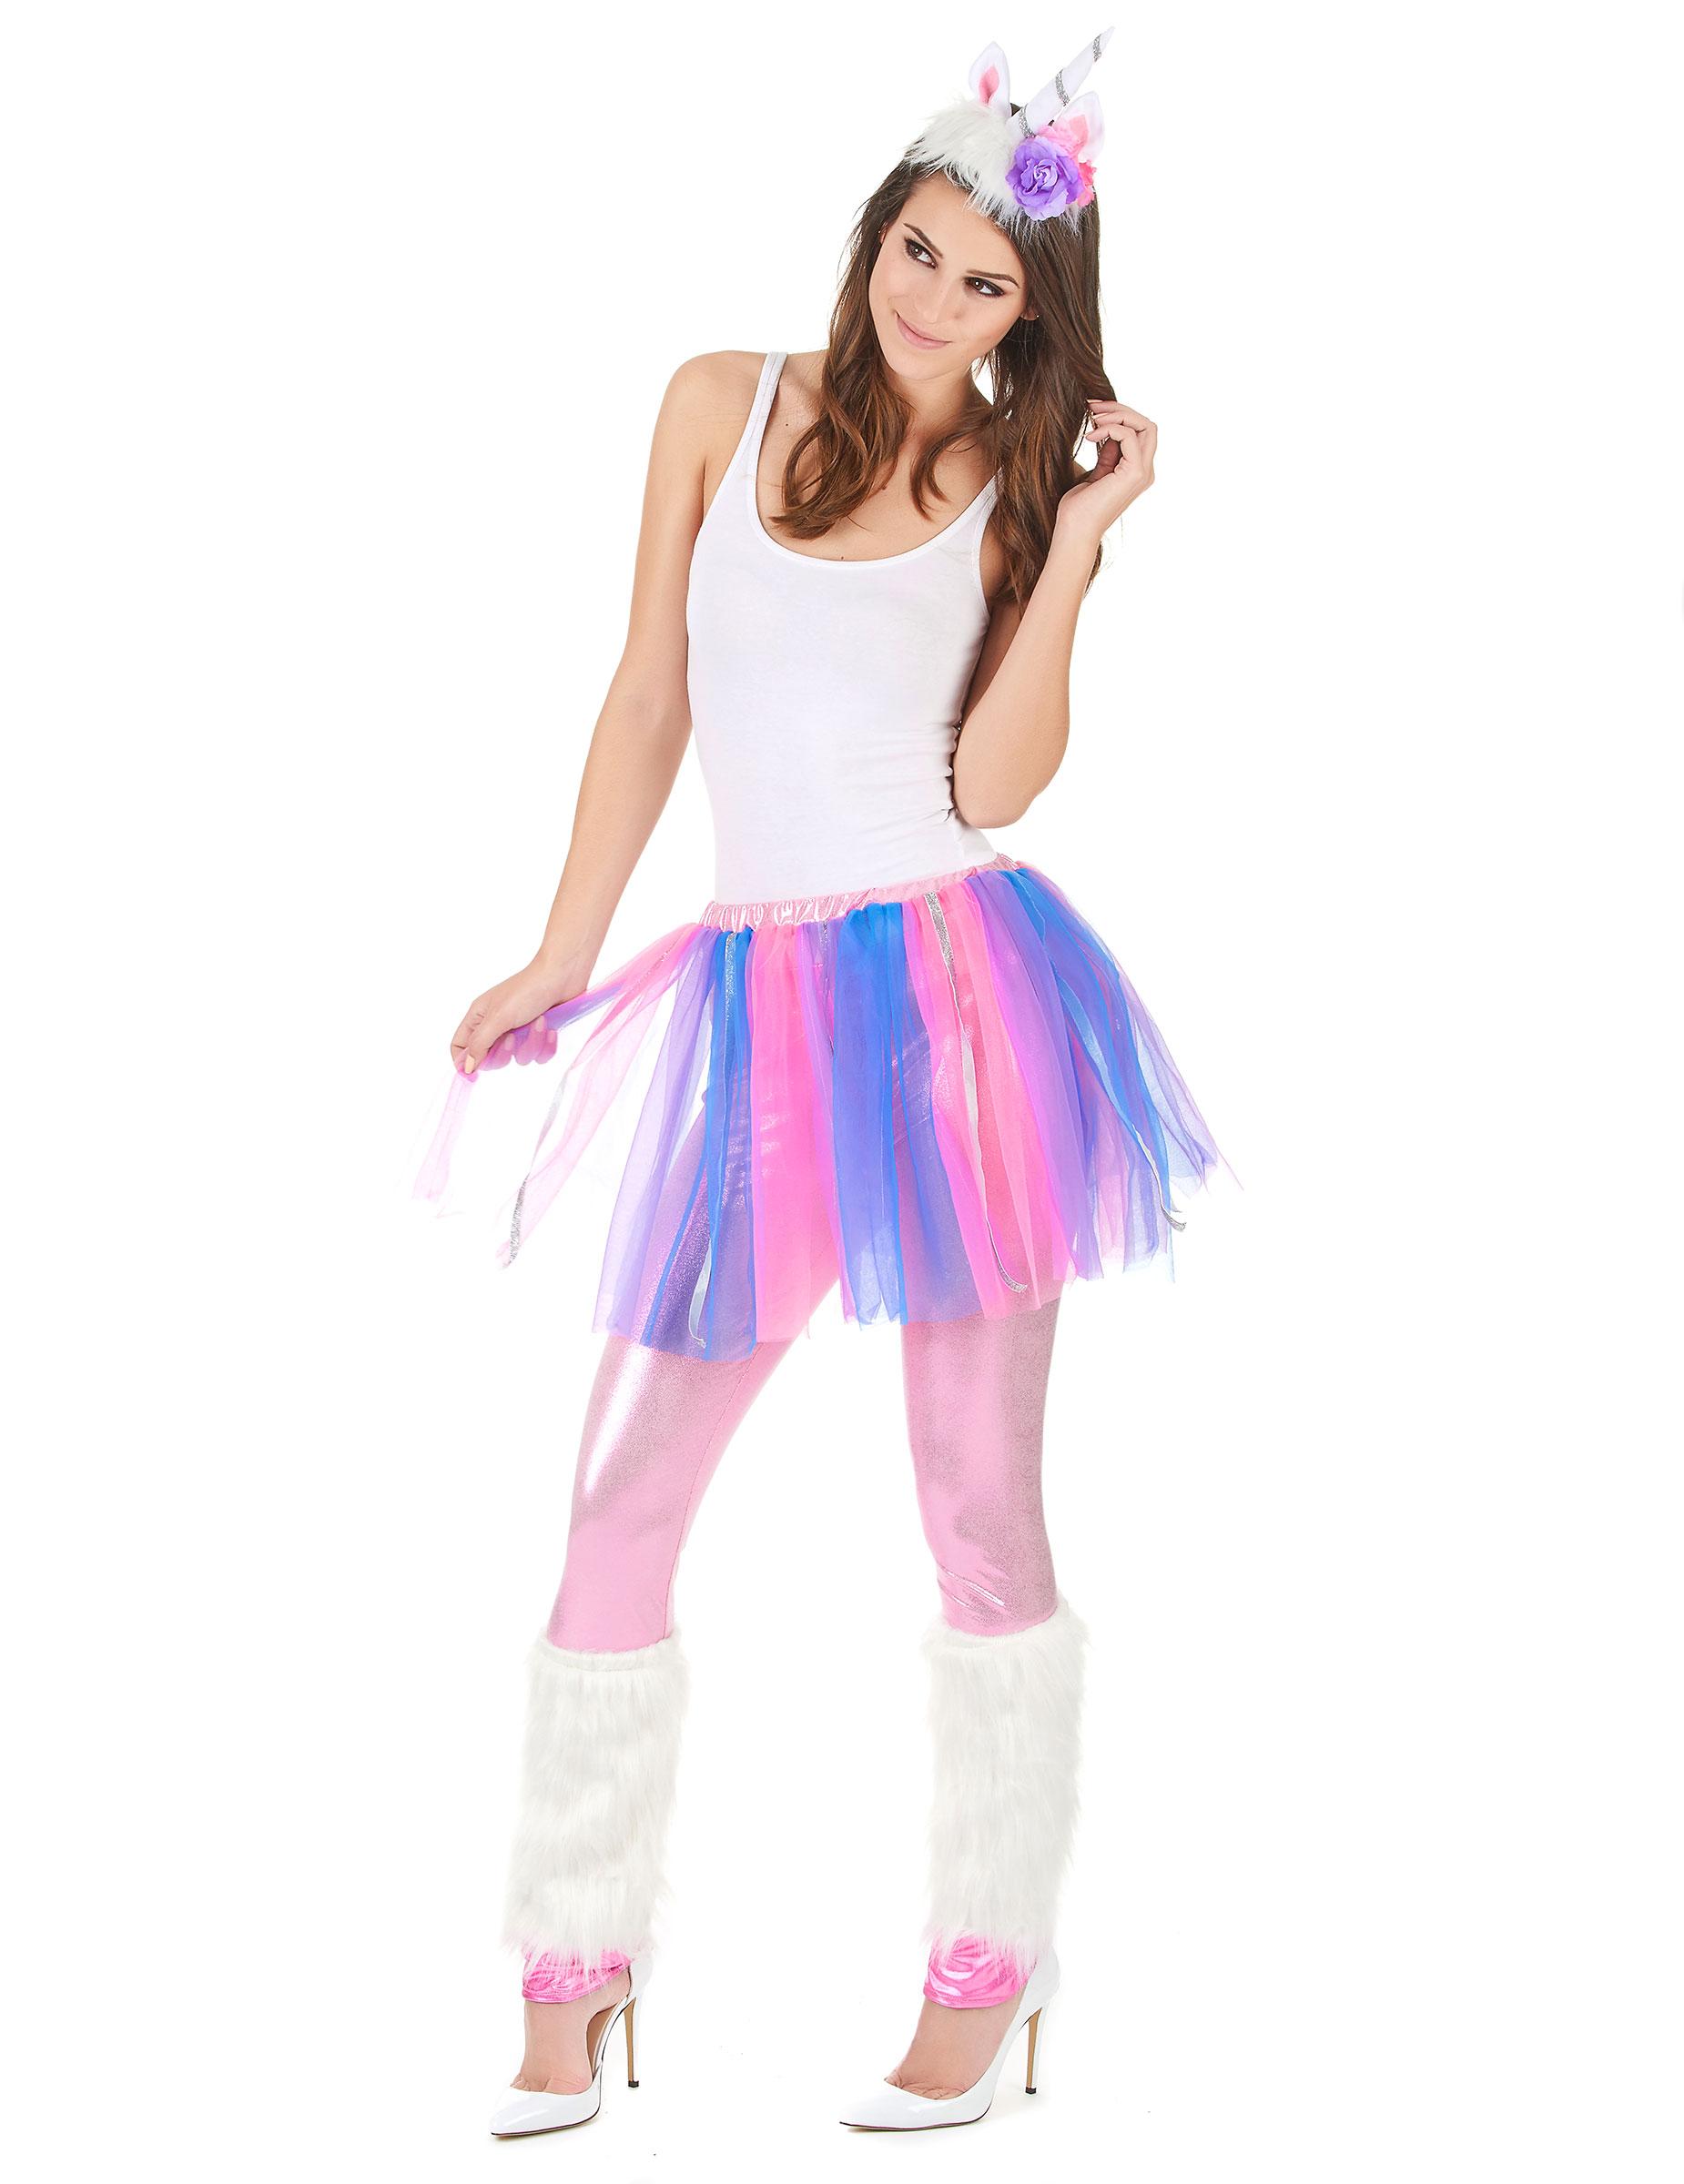 Vestito da unicorno fai da te – Modelli alla moda di abiti 2018 0f4a17de0141